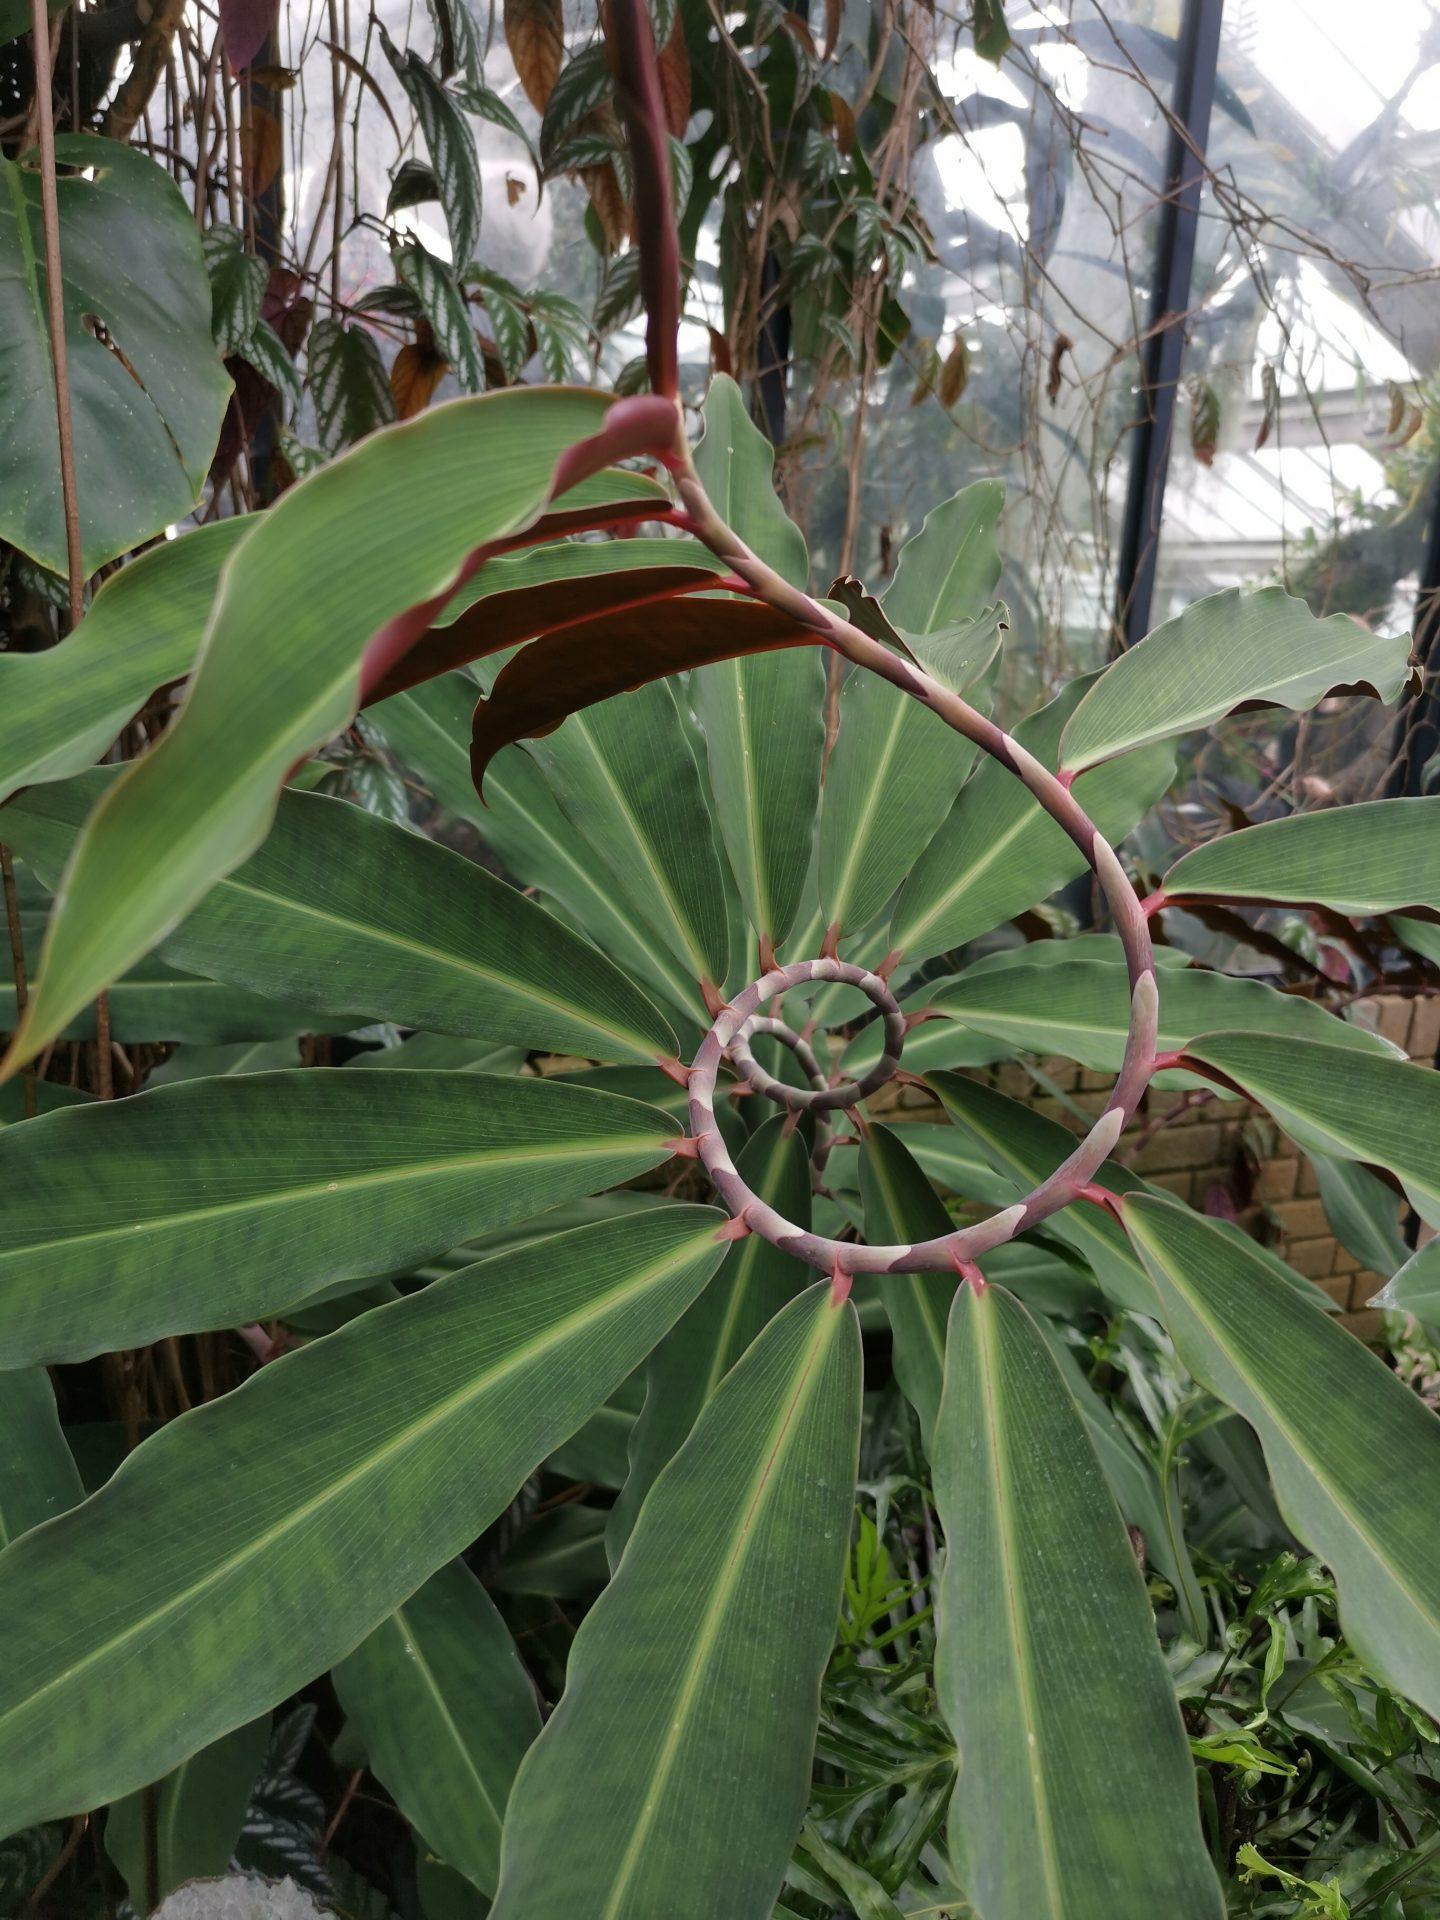 Kew garden plants